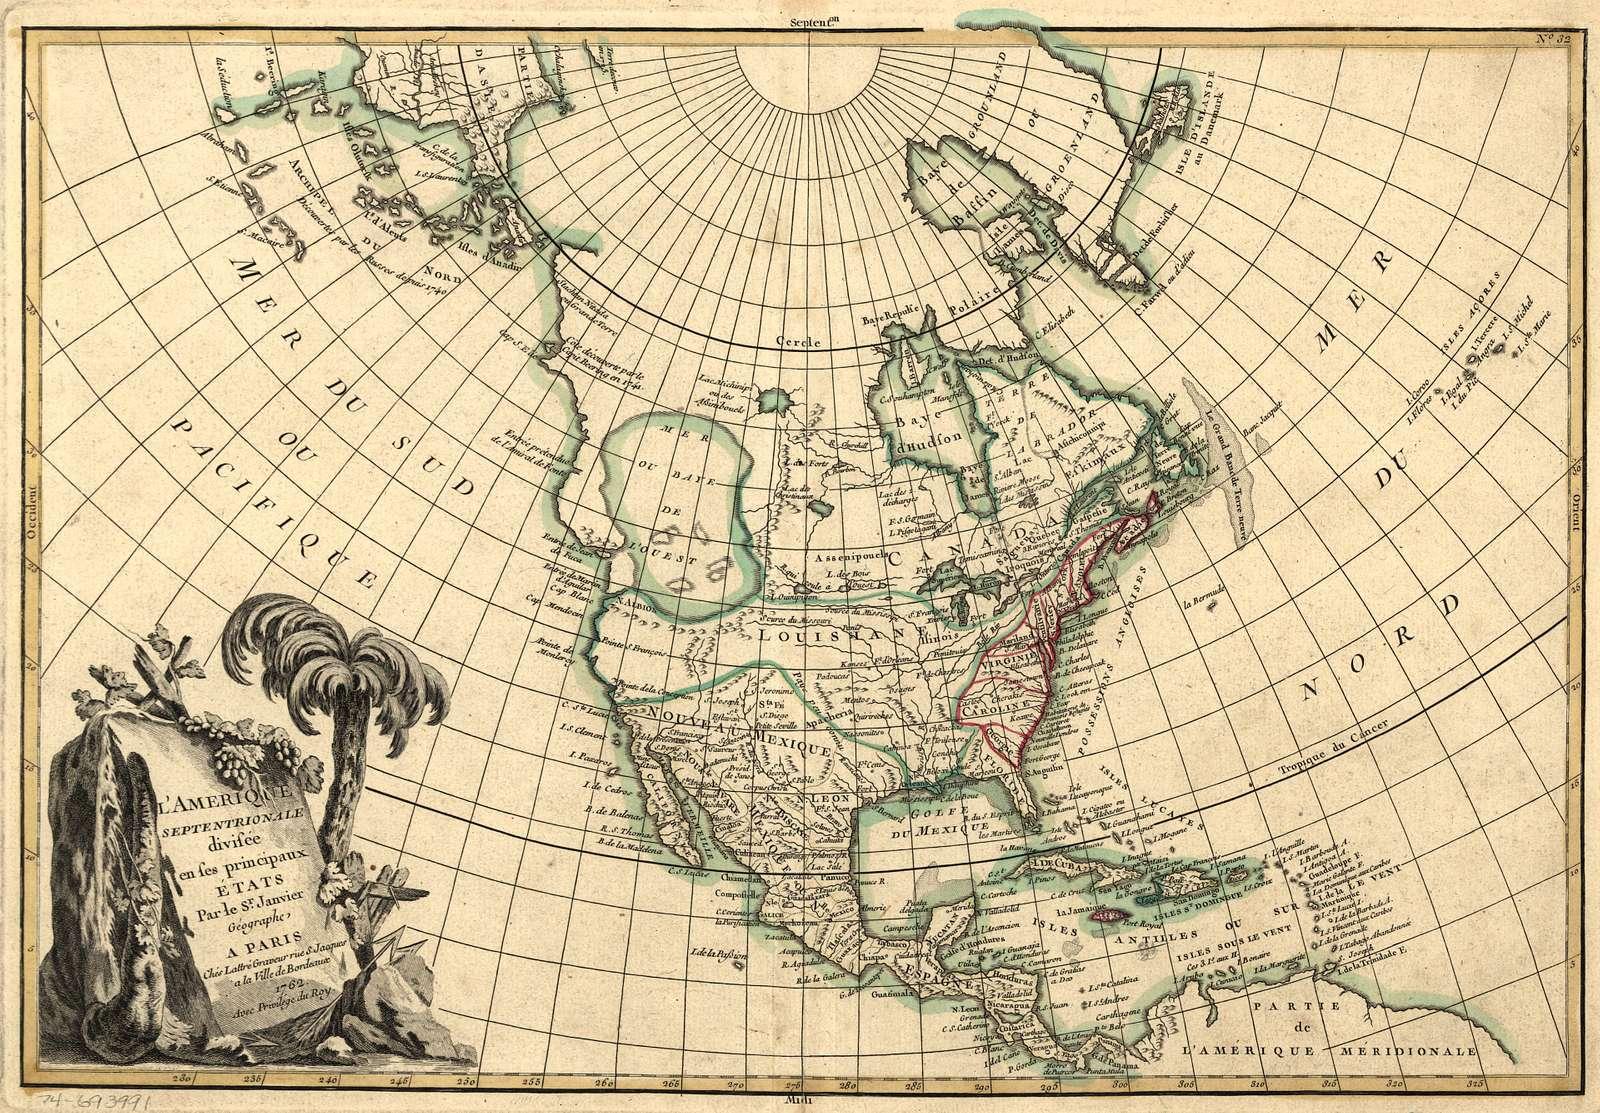 L'Amérique septentrionale divisée en ses principaux états